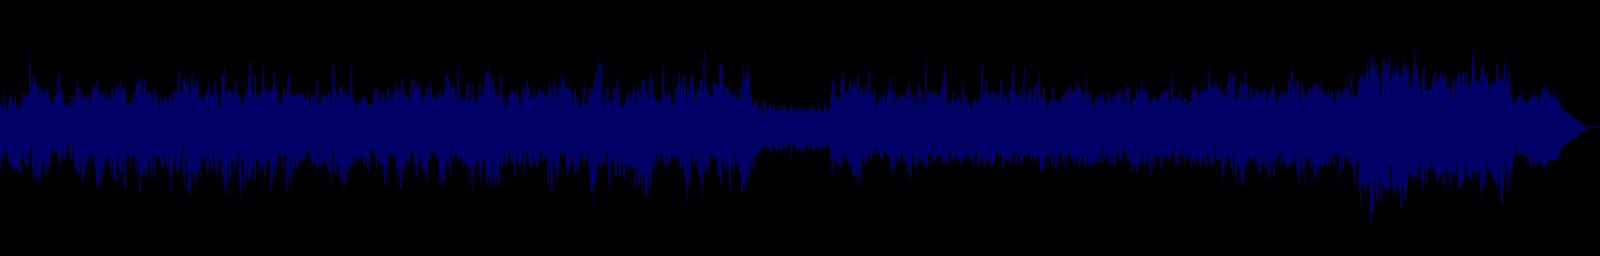 waveform of track #111254